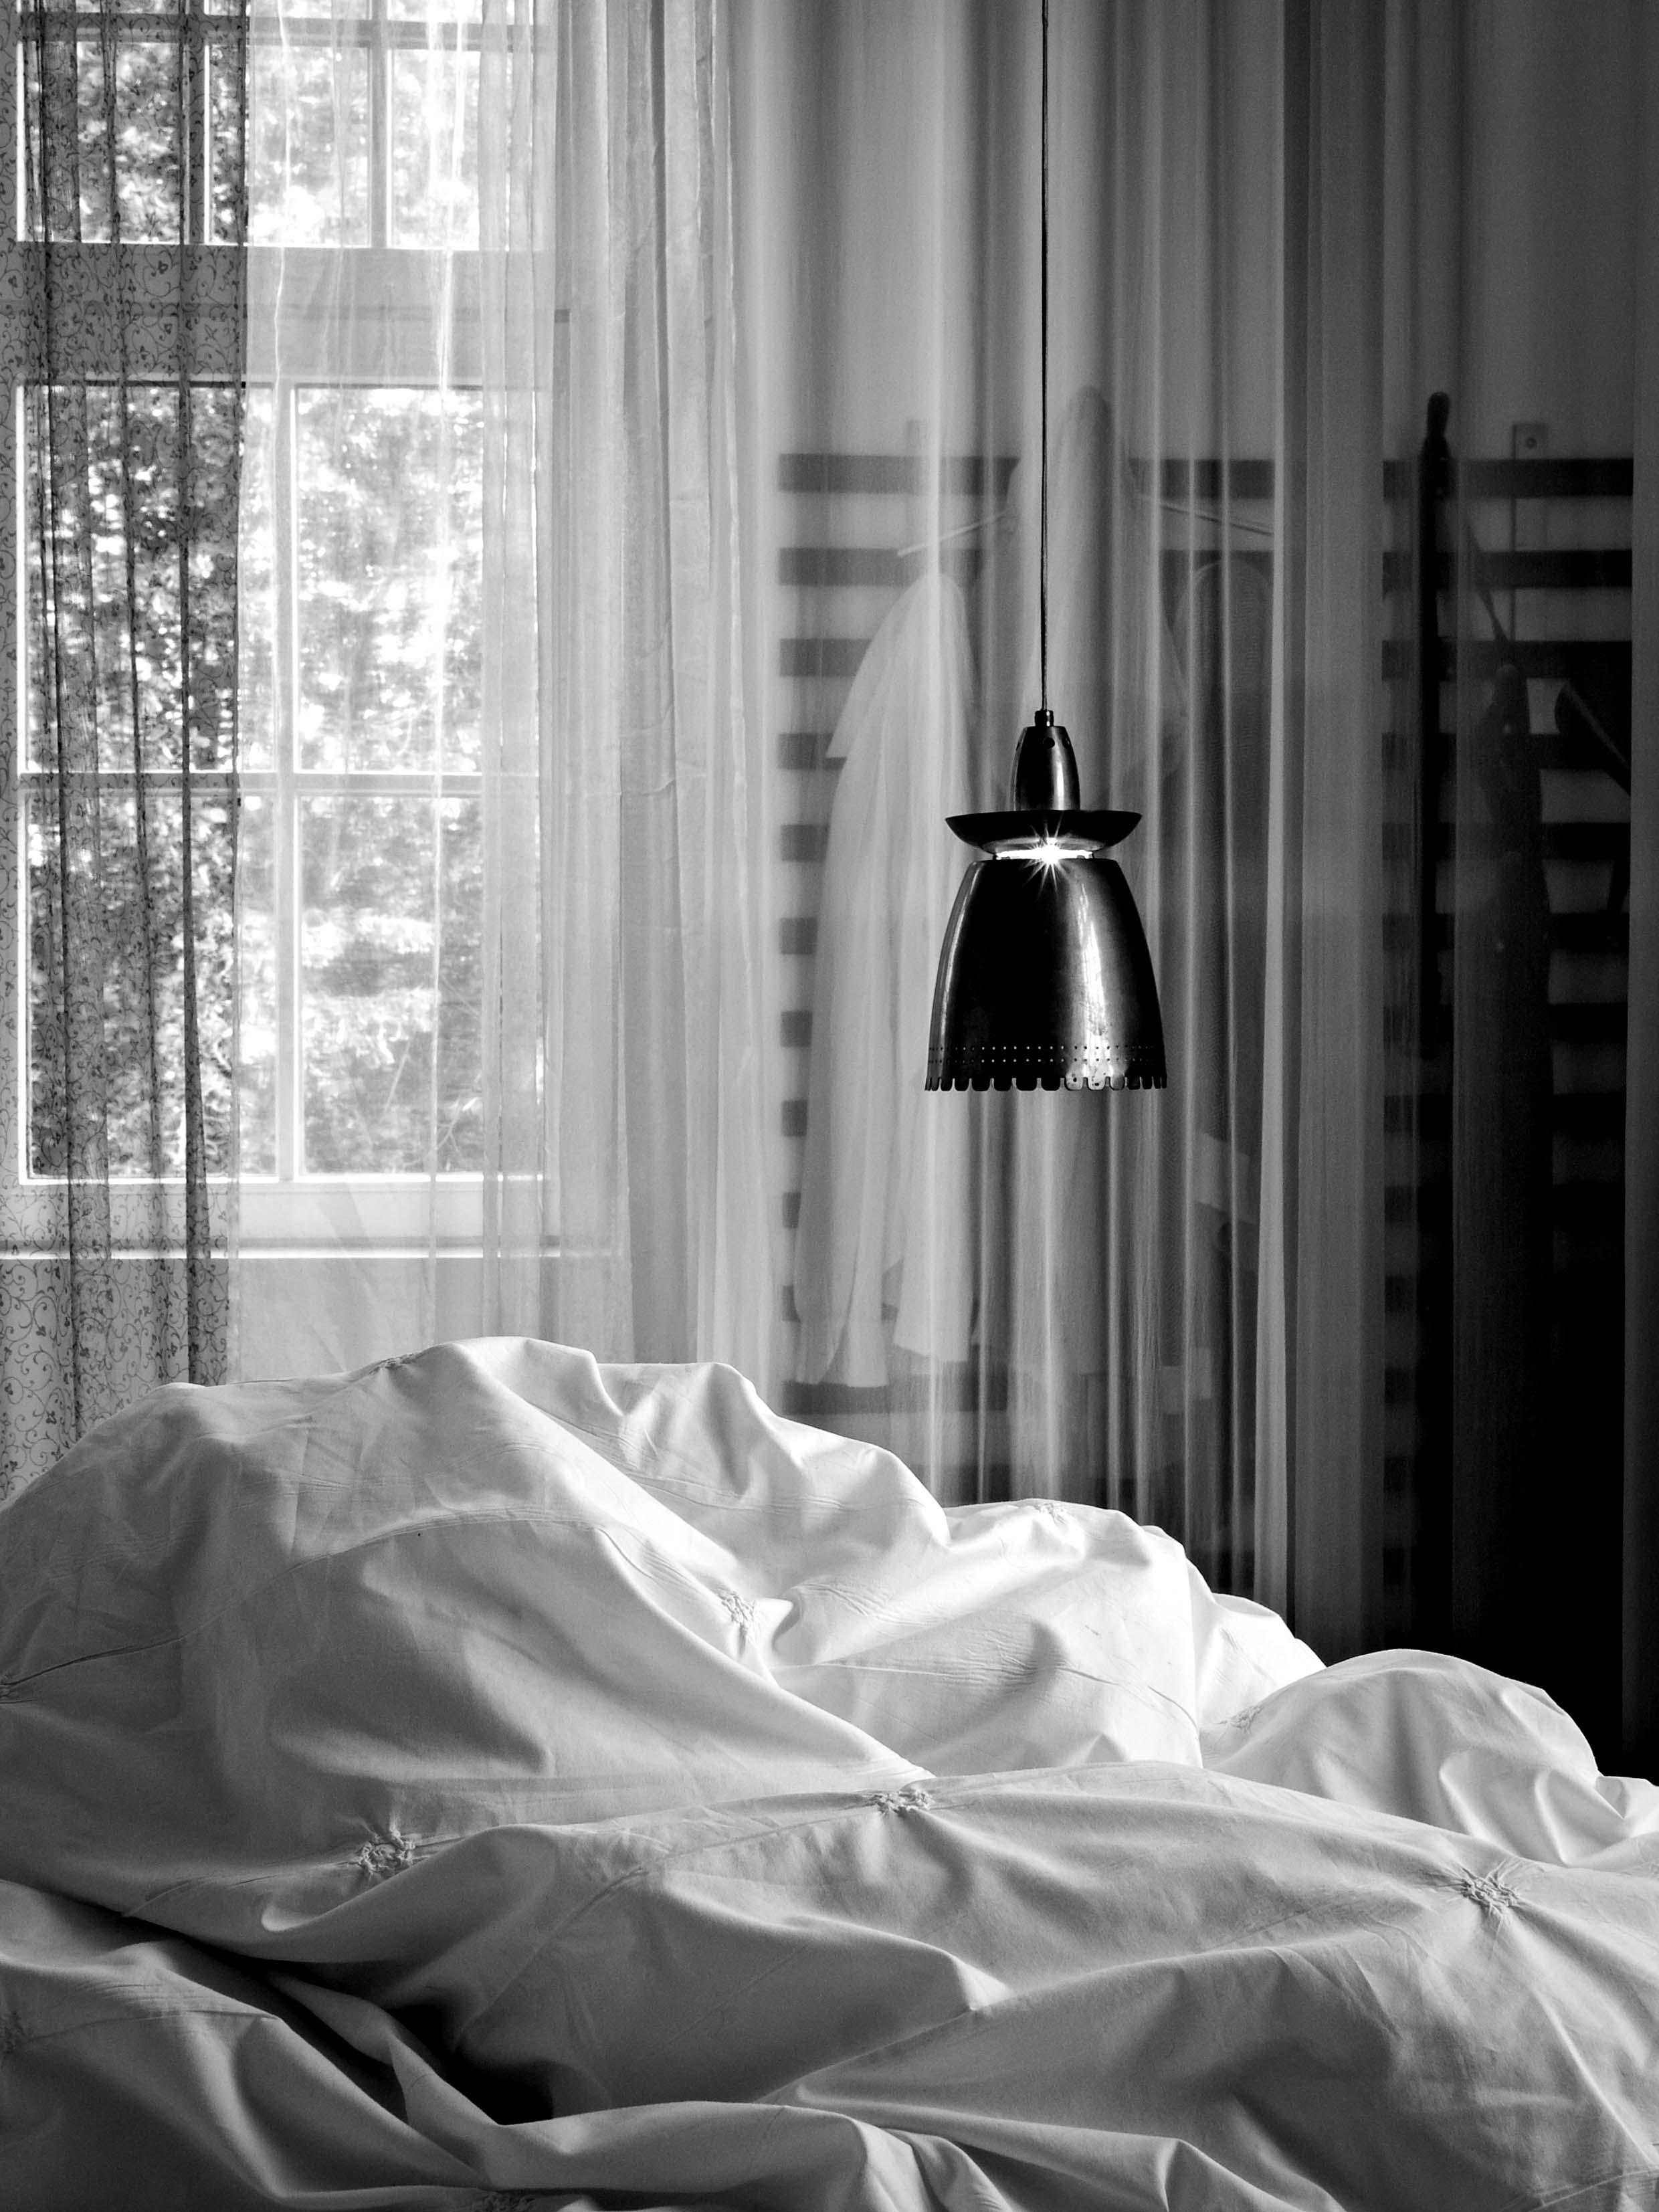 Dimanche matin, belgique, gildallière, Boxii 2012